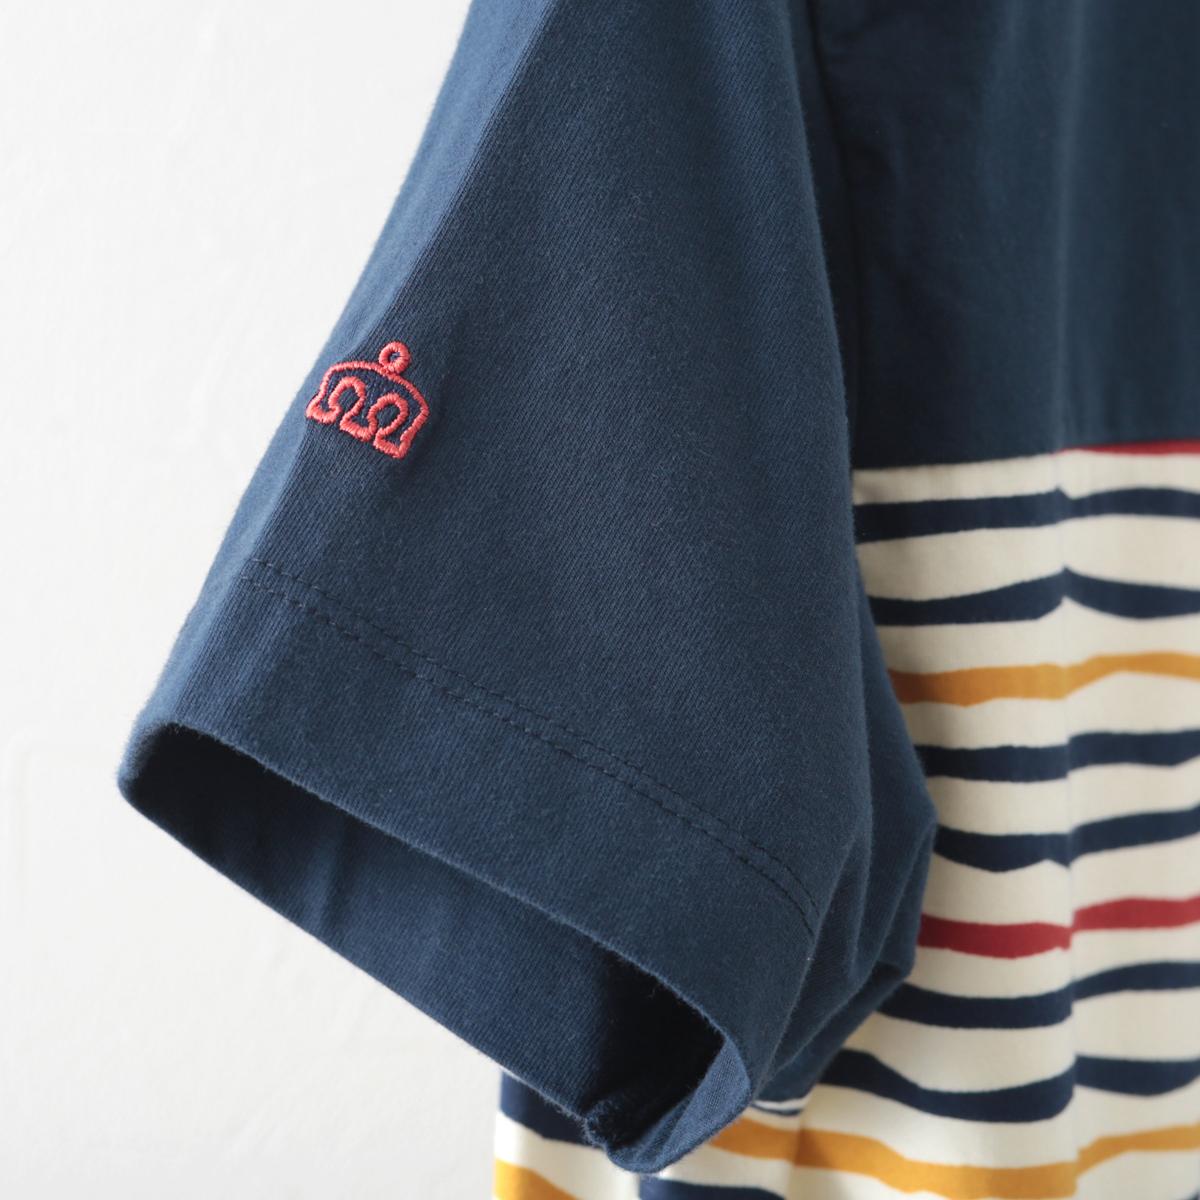 メルクロンドン メンズ Tシャツ ストライプ マルチ カラフル Merc London ネイビー レトロ